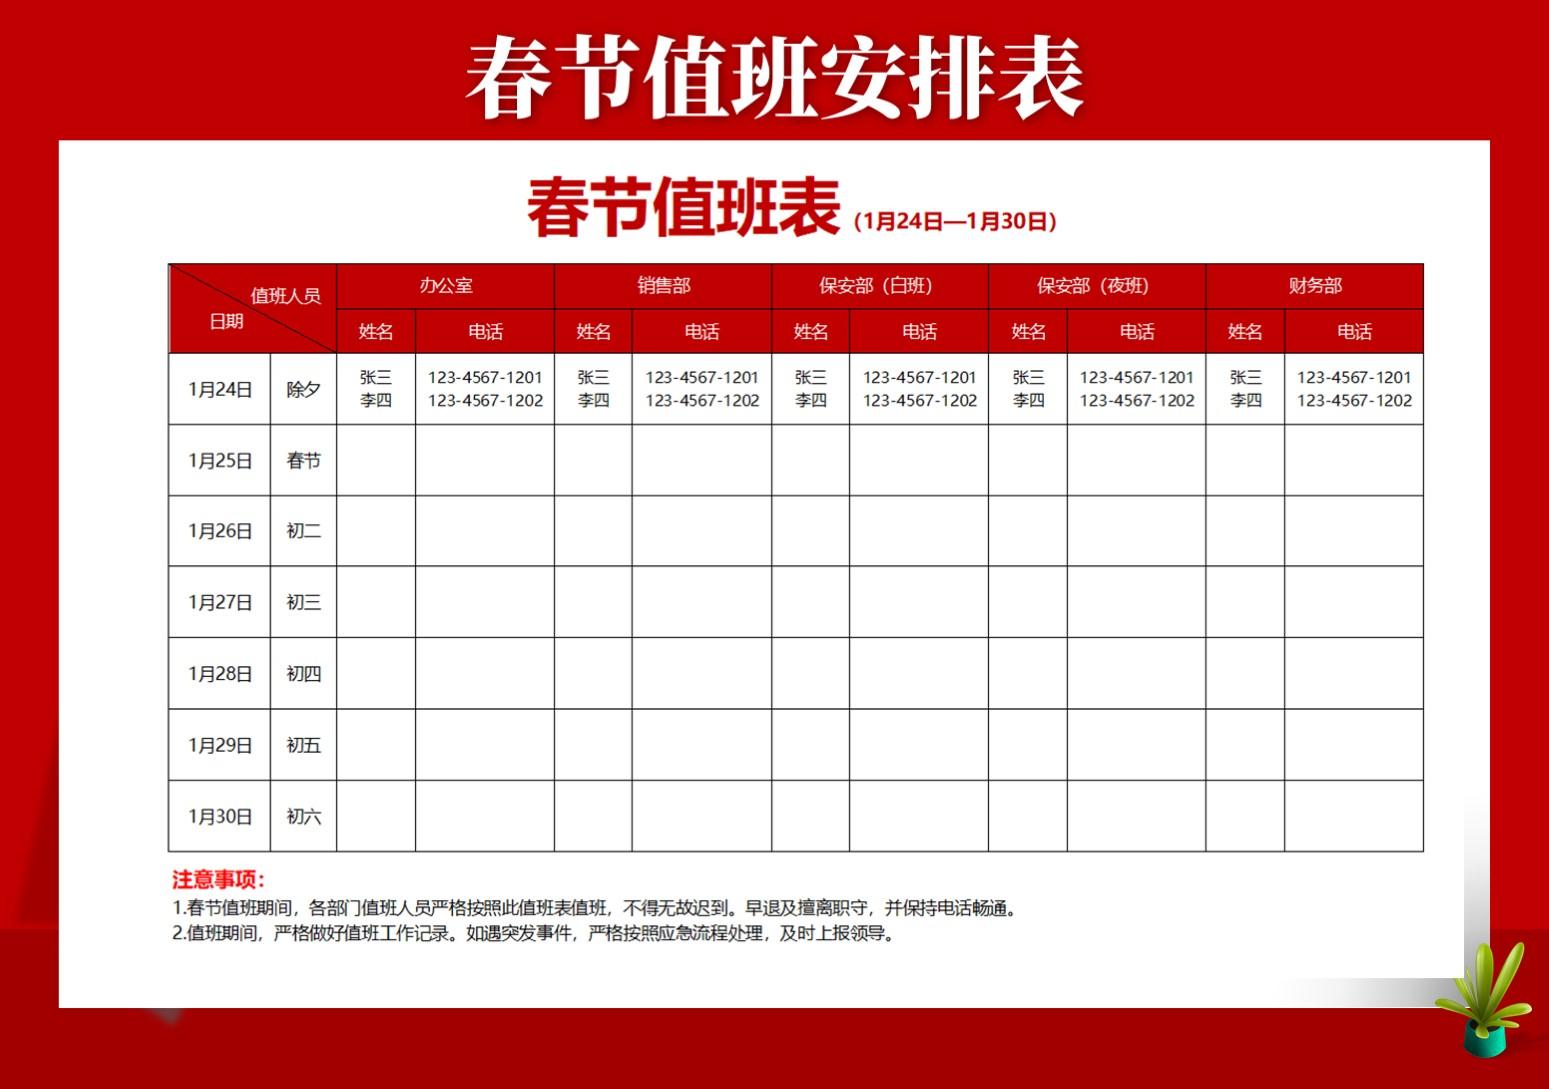 春节值班安排表.xlsx